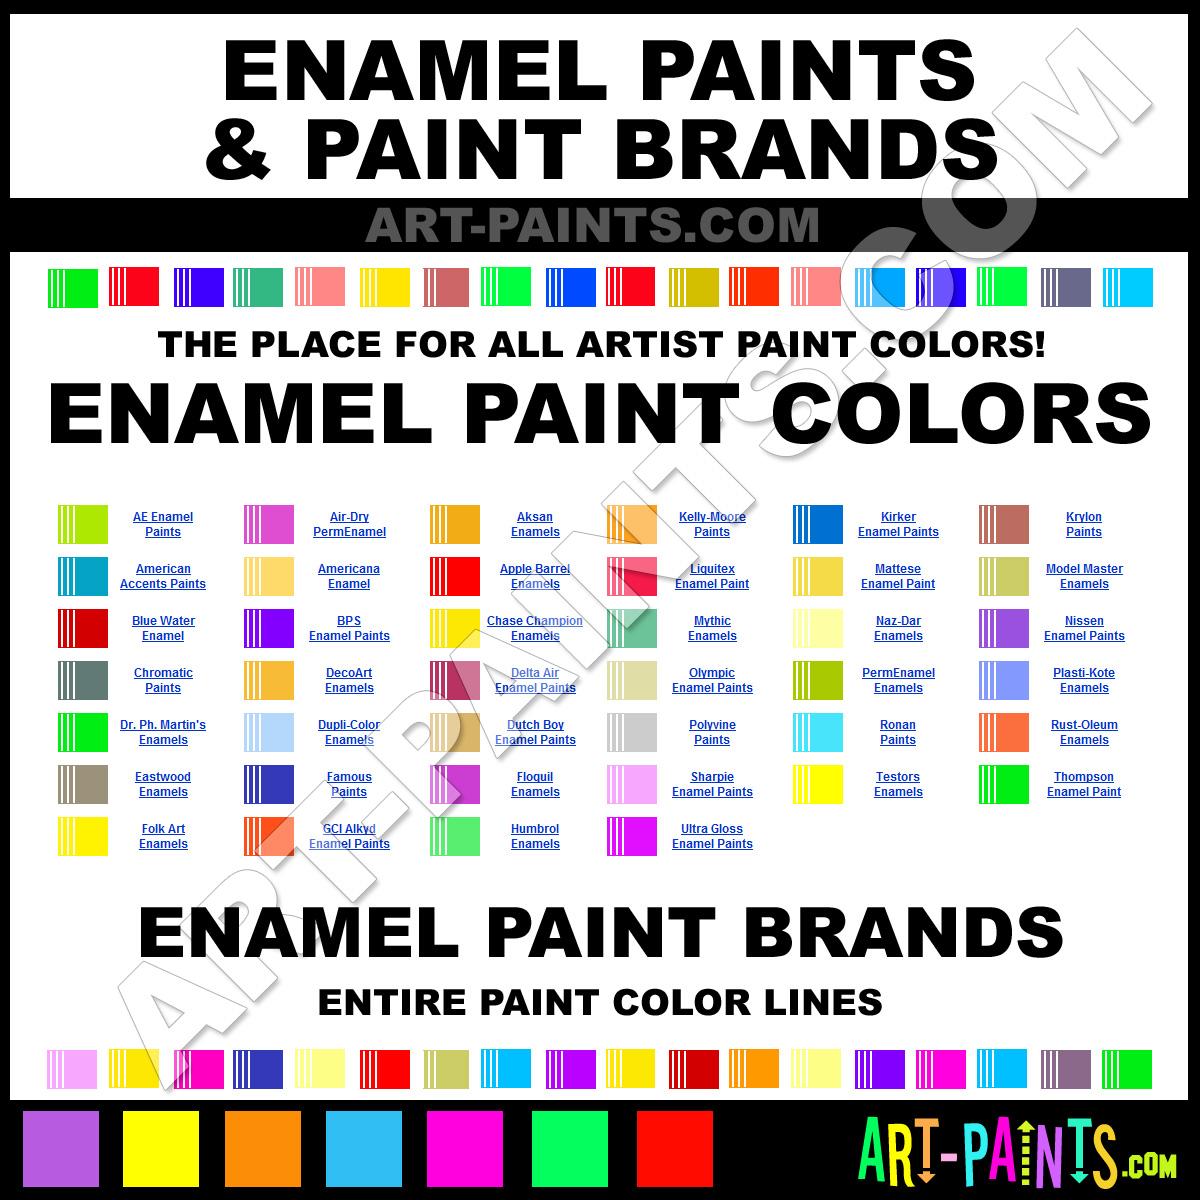 Paints enamel paint enamel color enamel brands art paints com